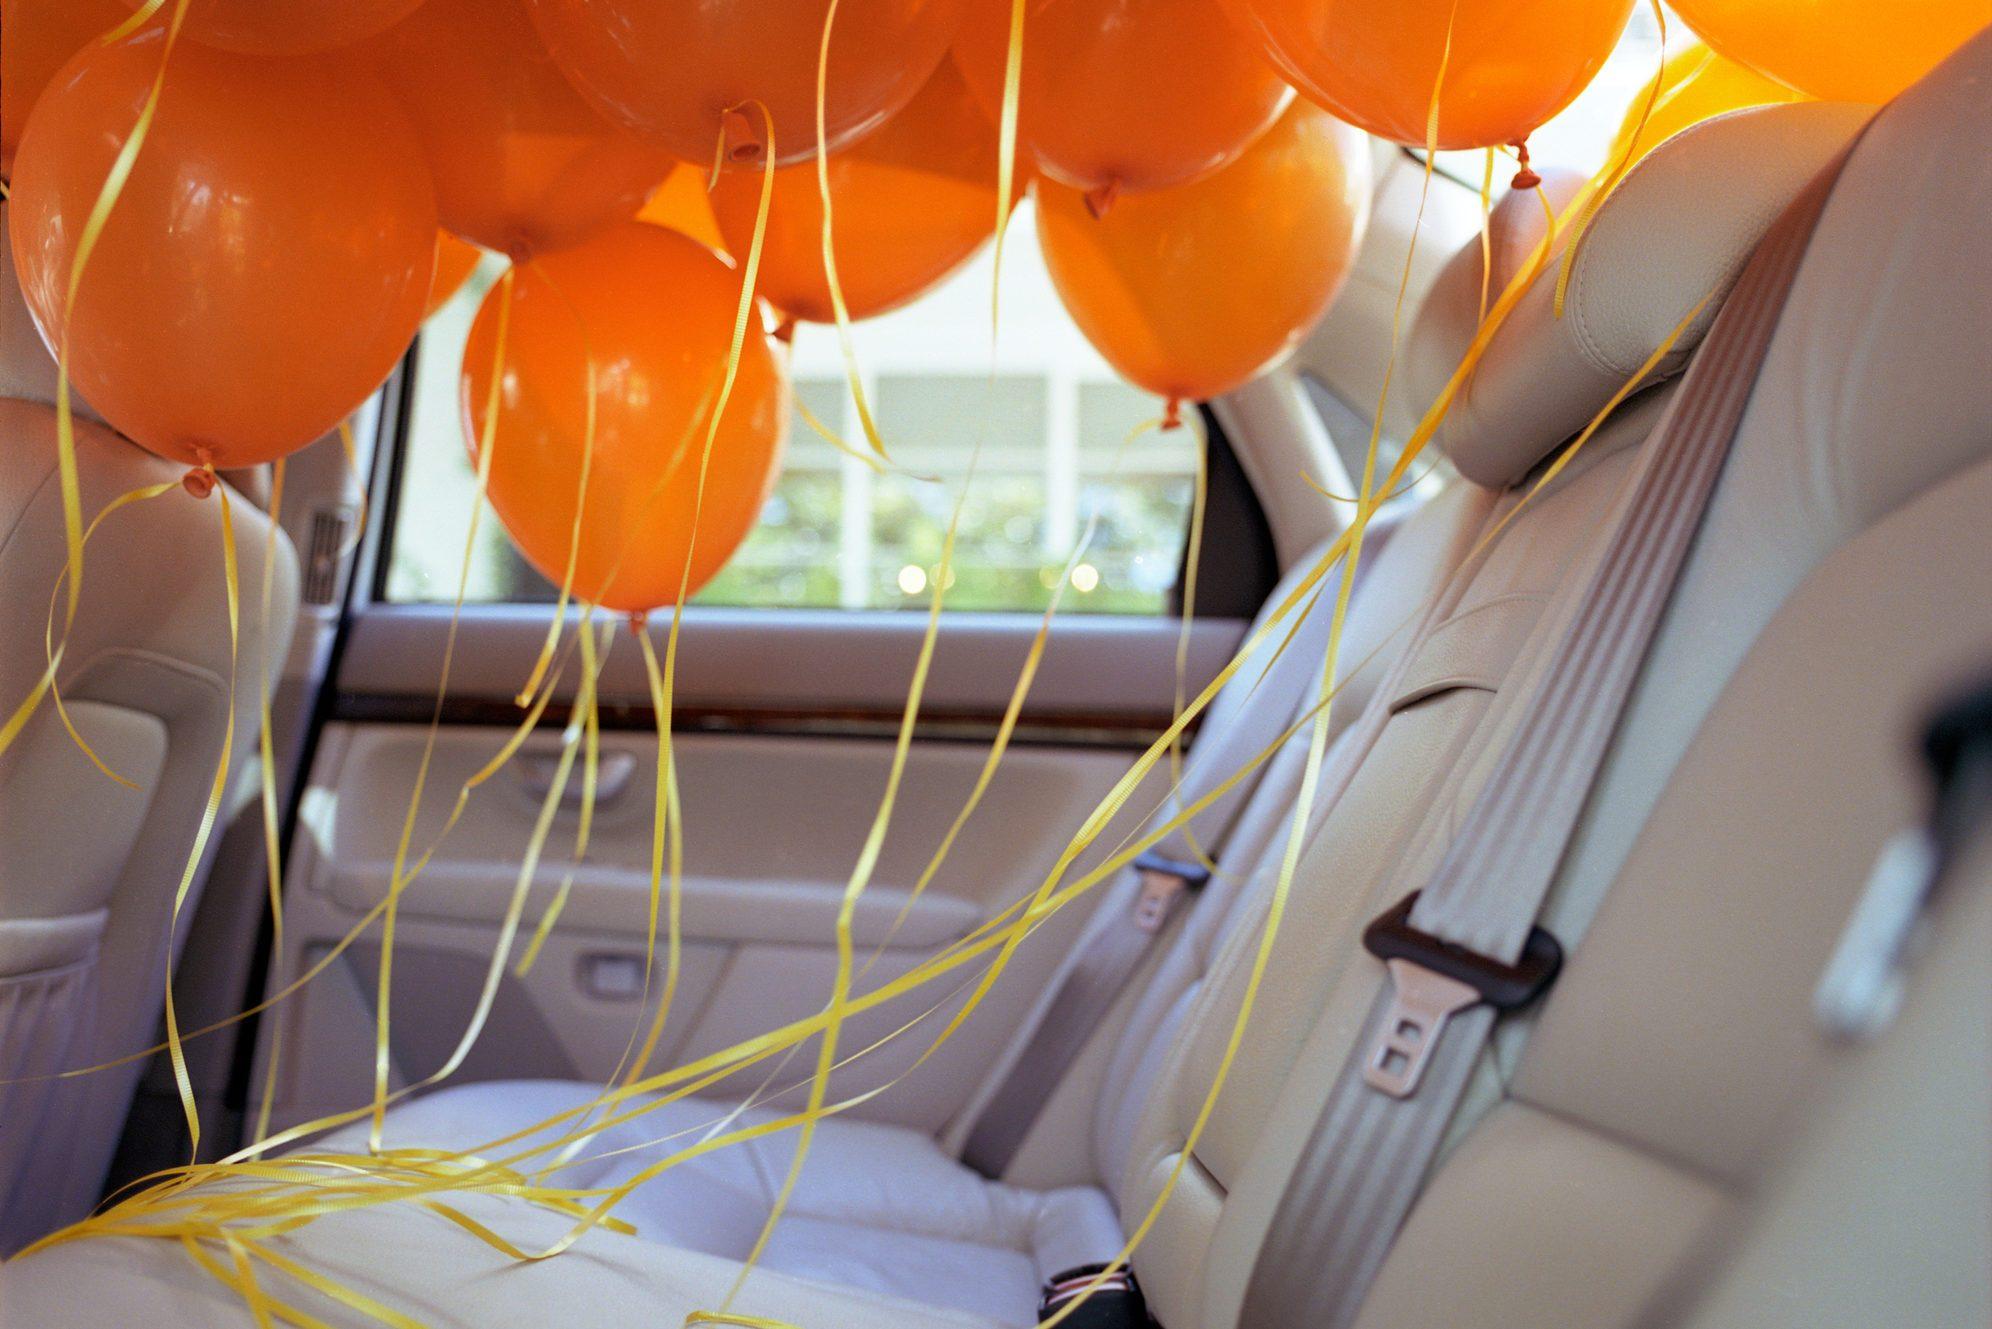 Orange balloons in back seat of car